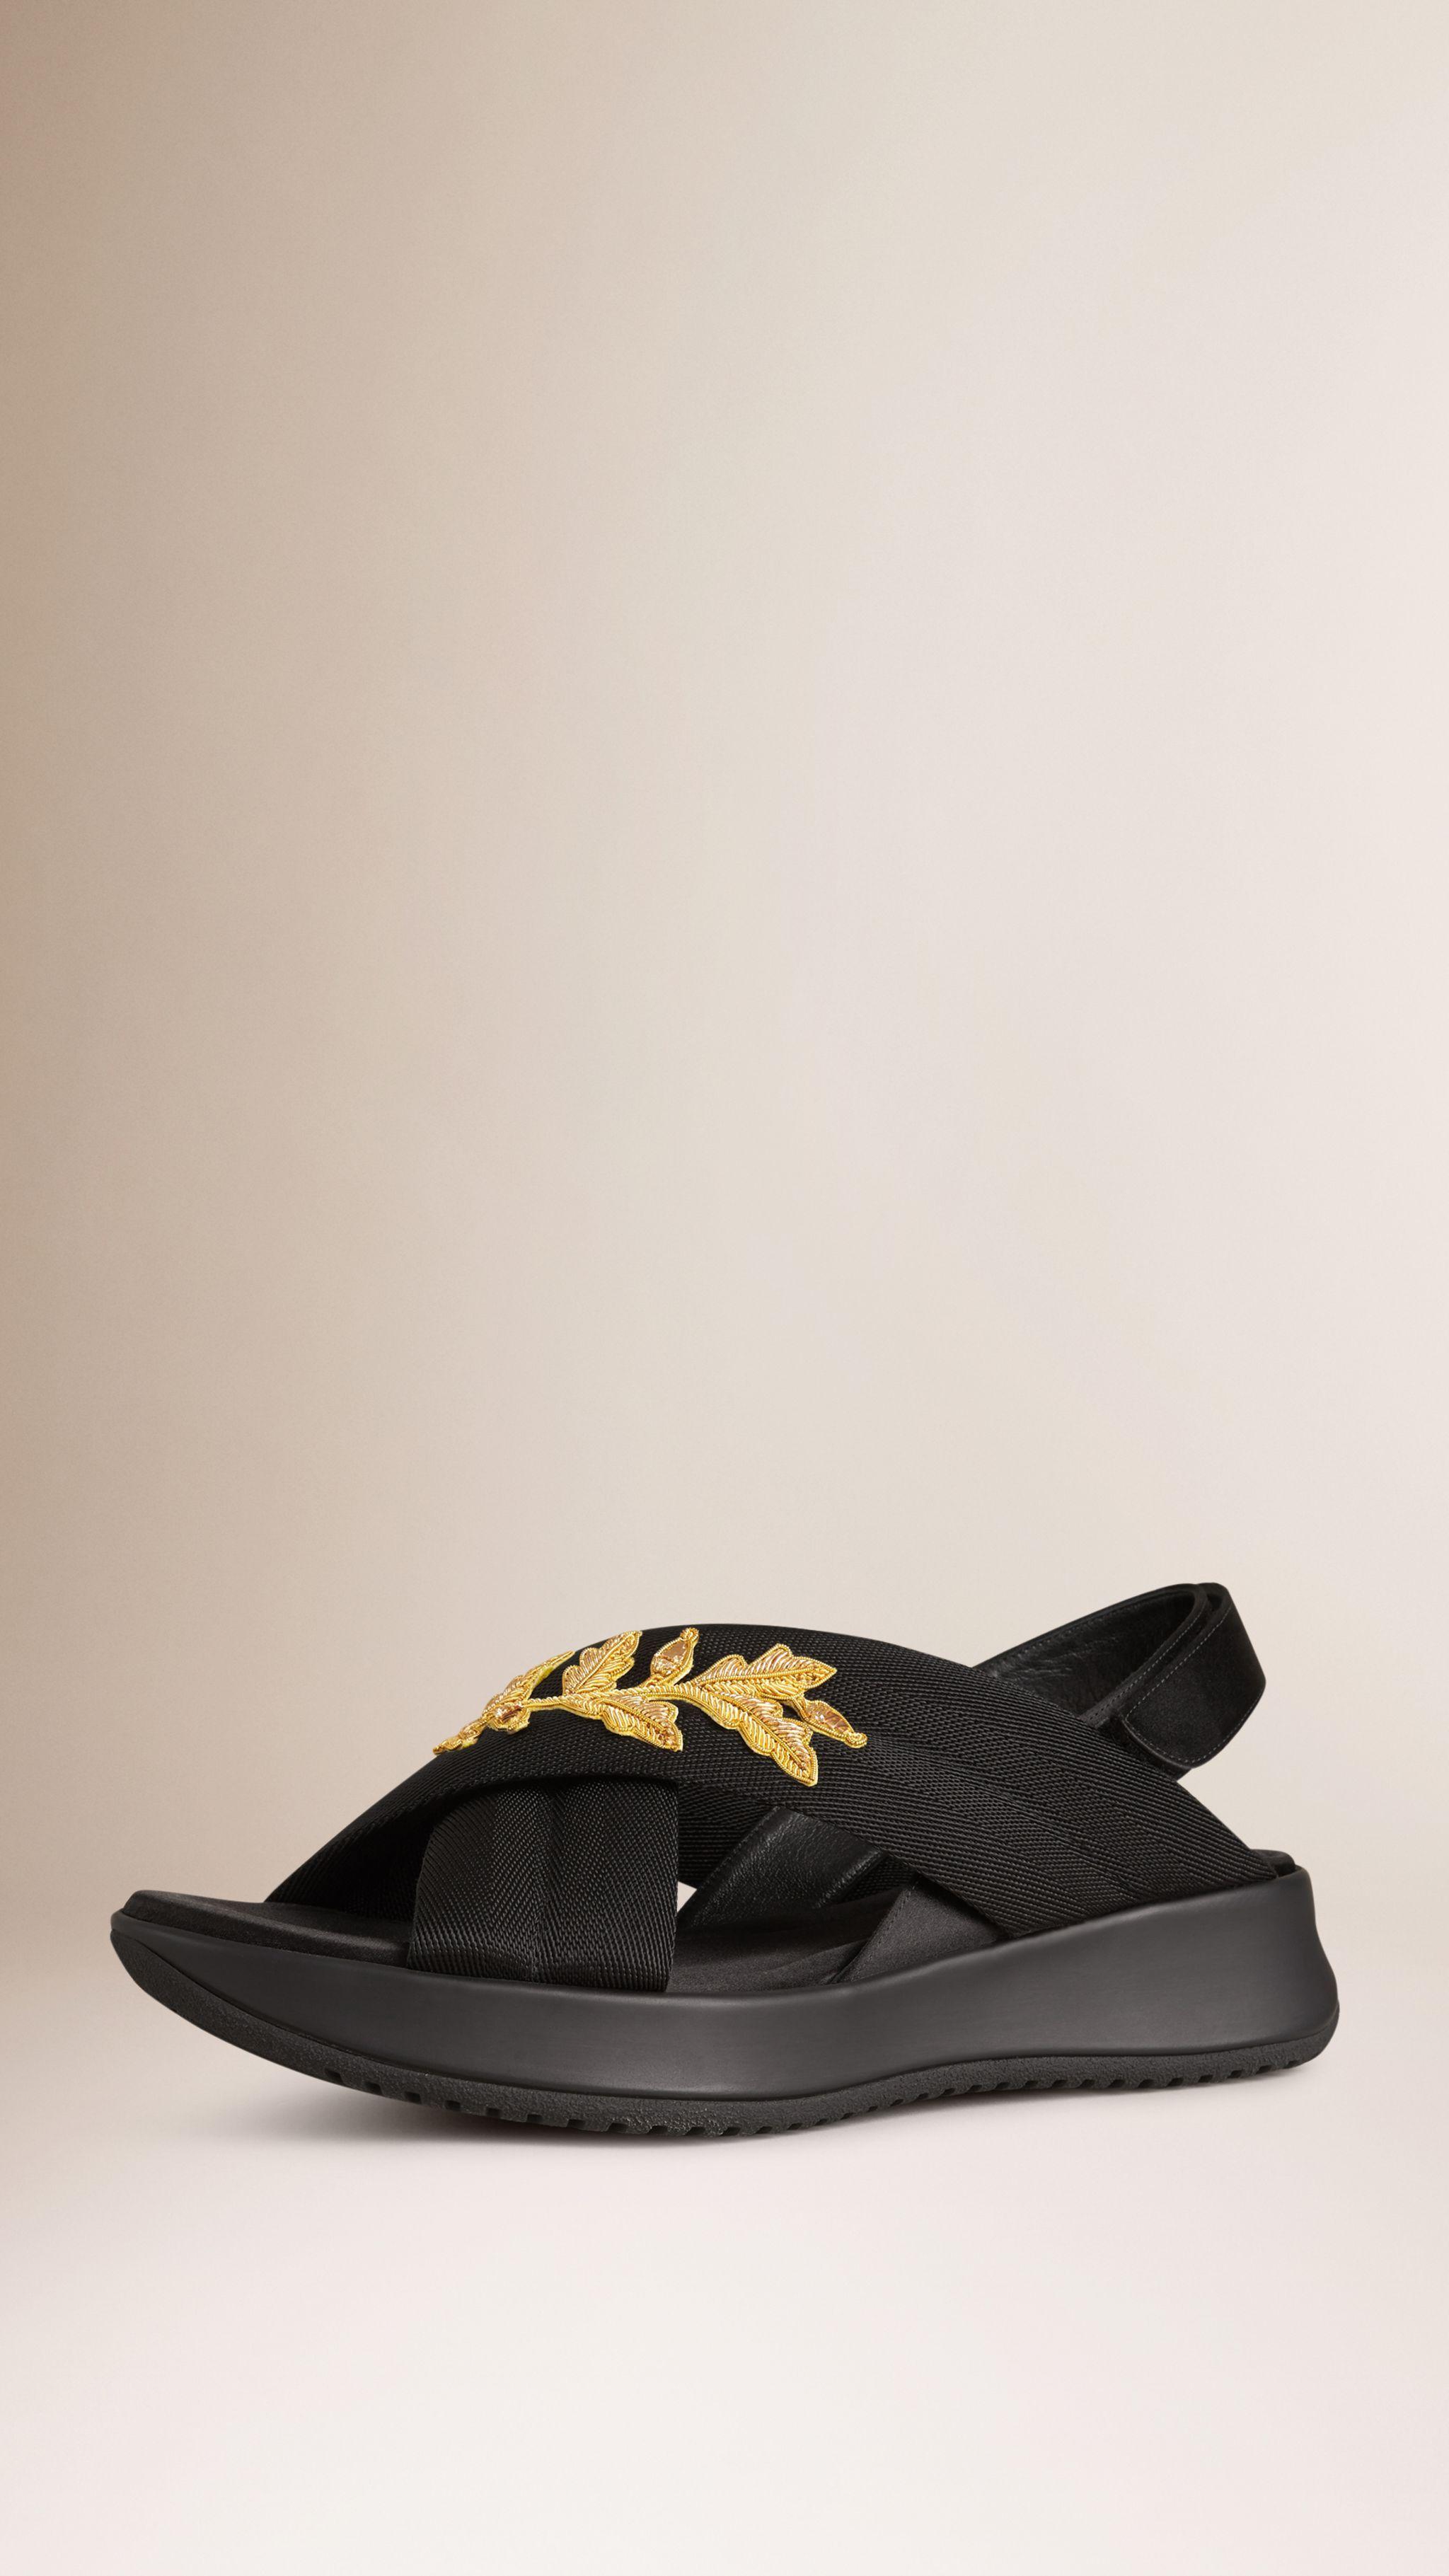 536d0149 Goldwork-Embellished Sport Sandals Black | Burberry | sandalias mujer